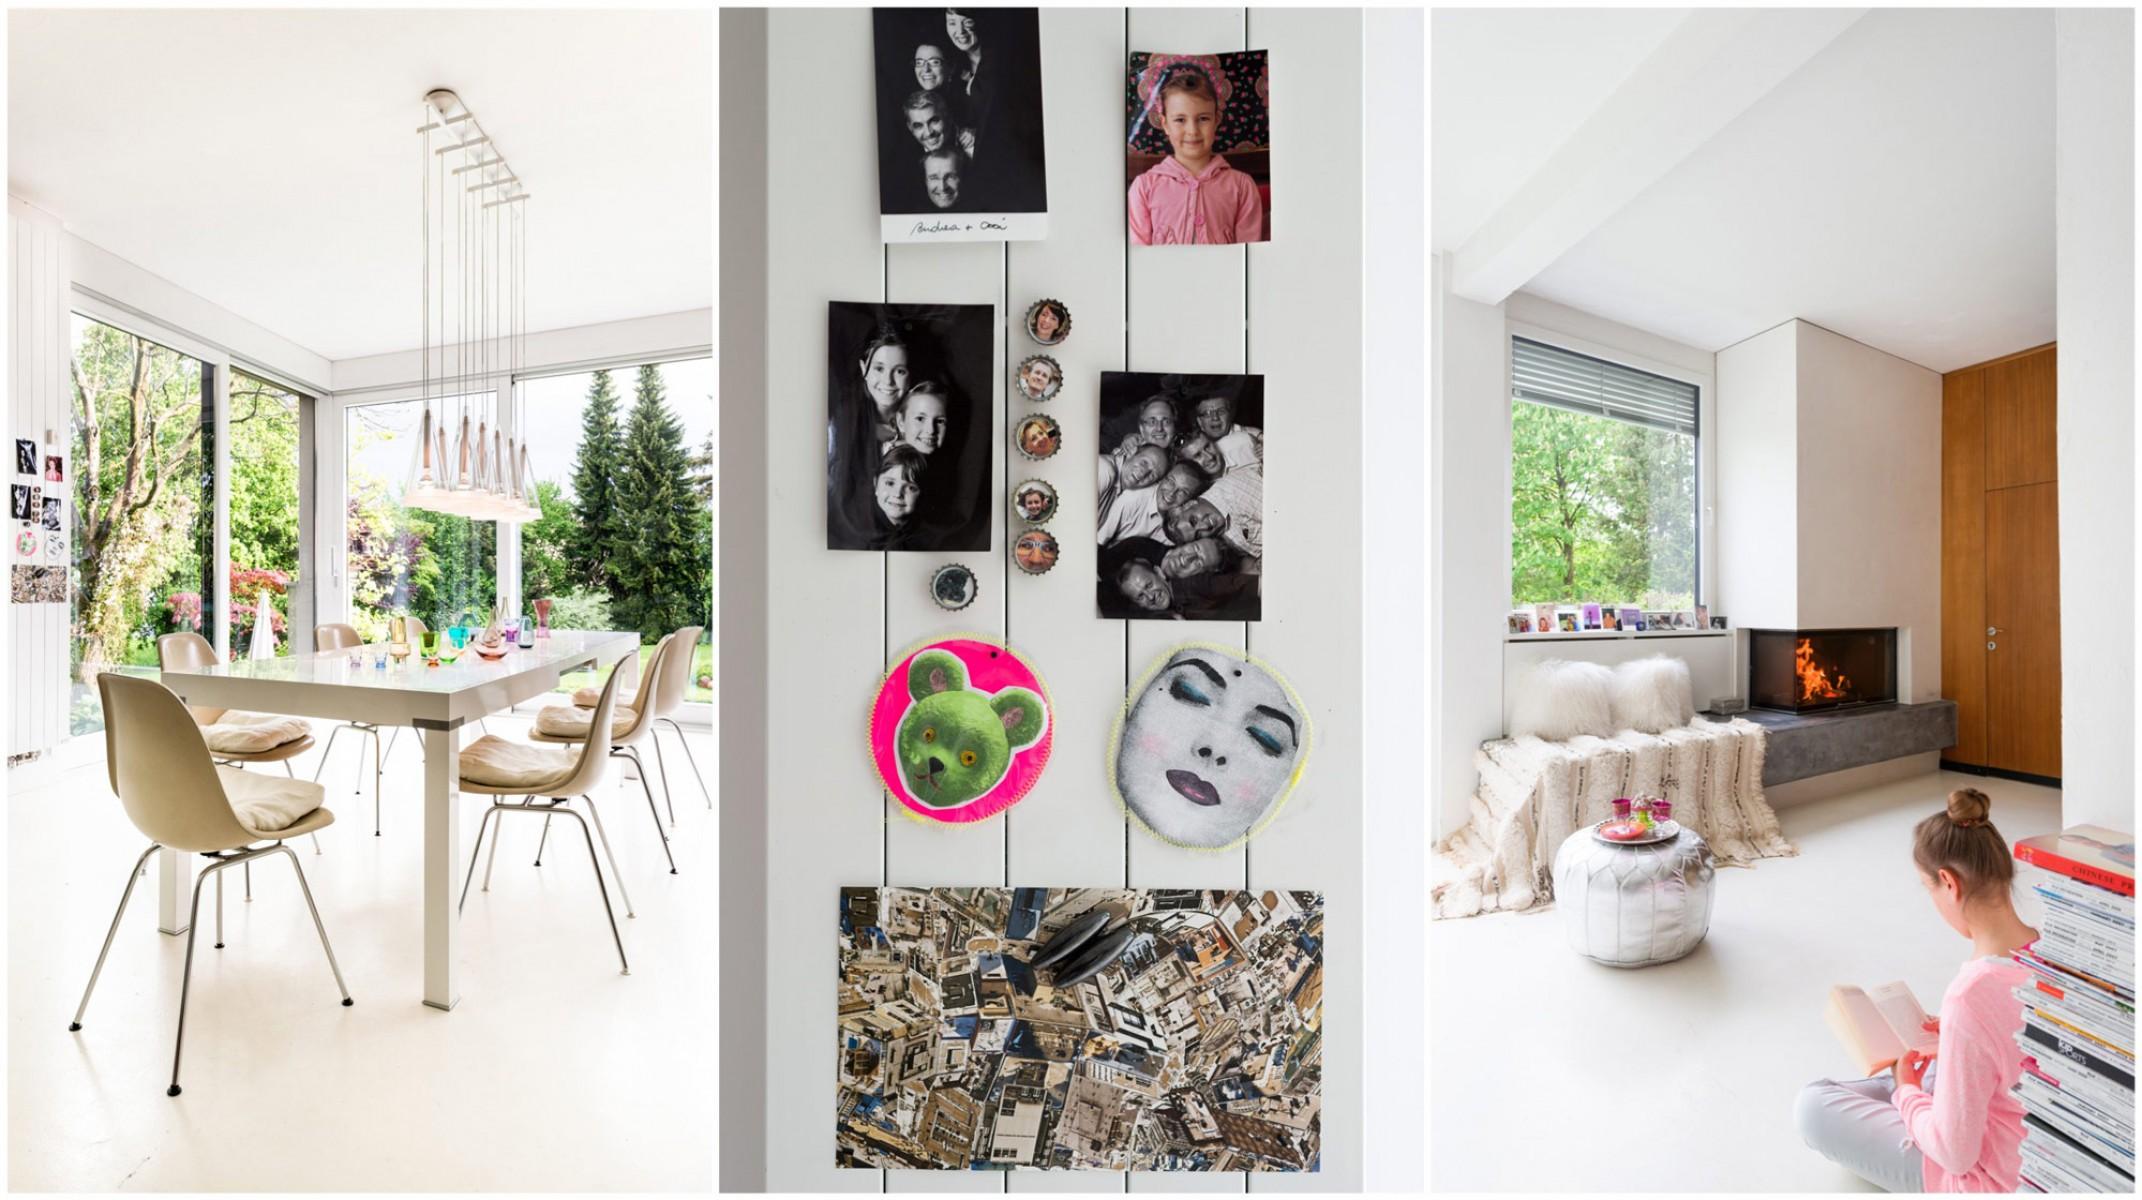 Coole Loftwohnung in Lustenau, Vorarlberg. Kreative Ideen und schönes Esszimmer - fast im Grünen